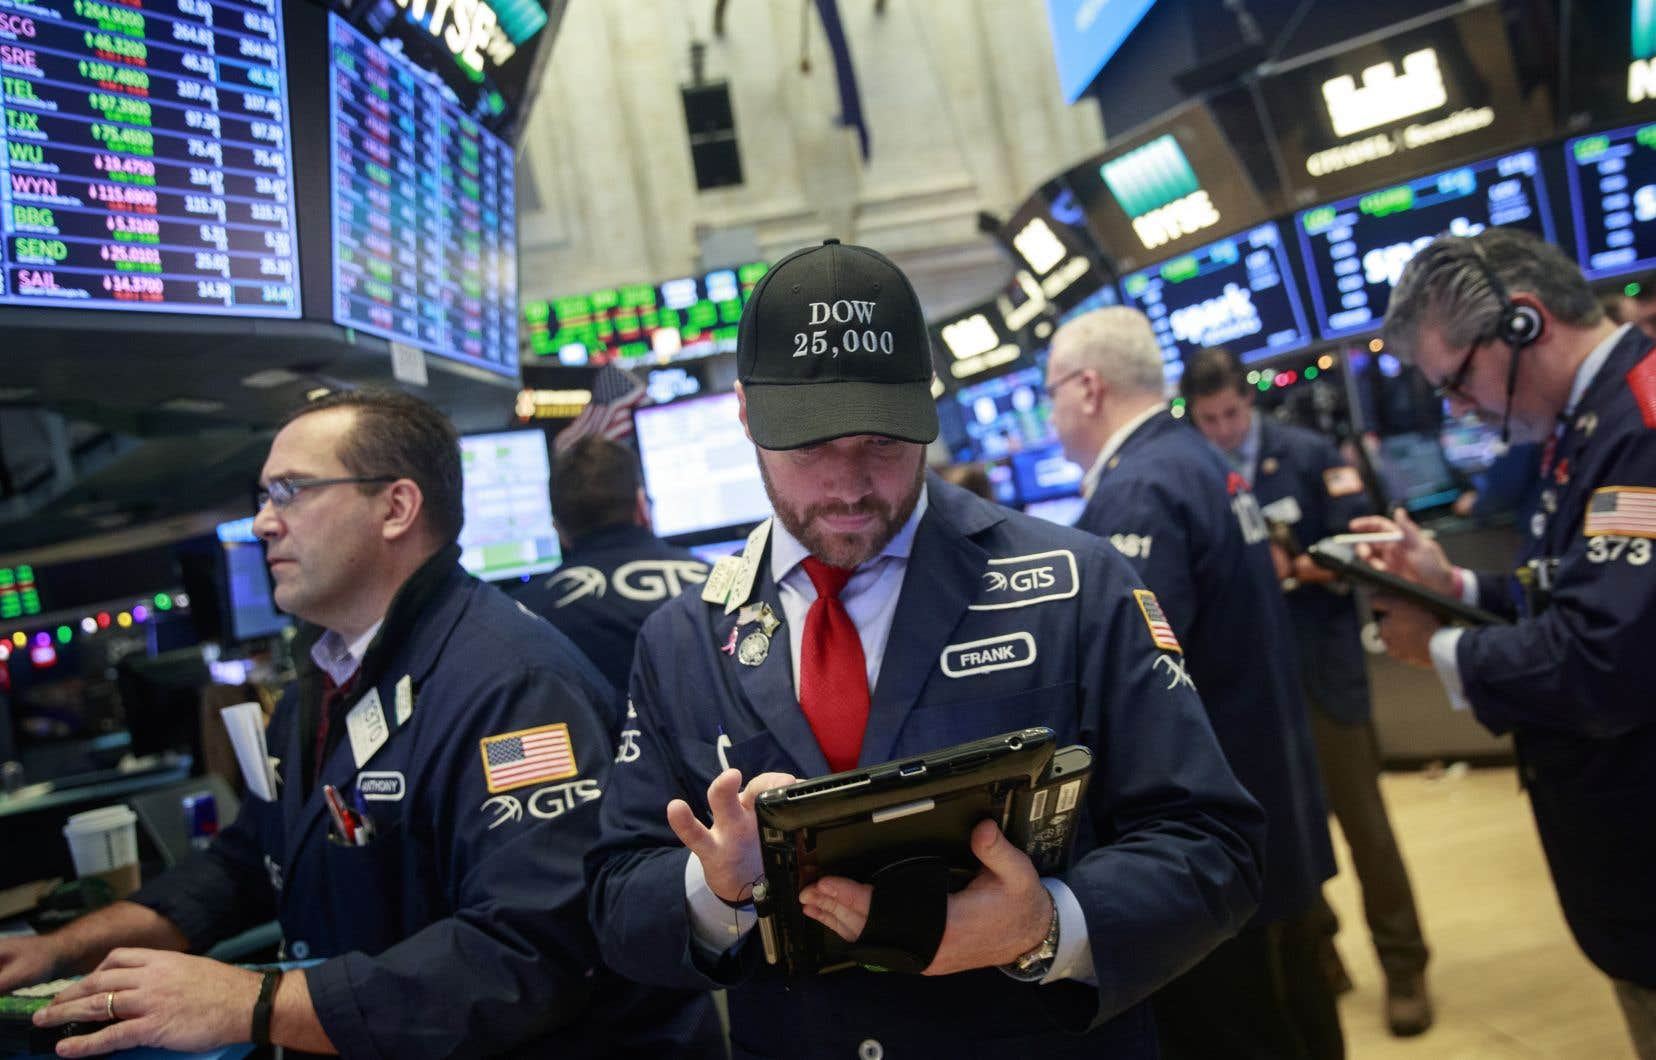 Wall Street a battu un nouveau record jeudi, son vénérable indice Dow Jones franchissant pour la première fois de son histoire les 25 000 points.